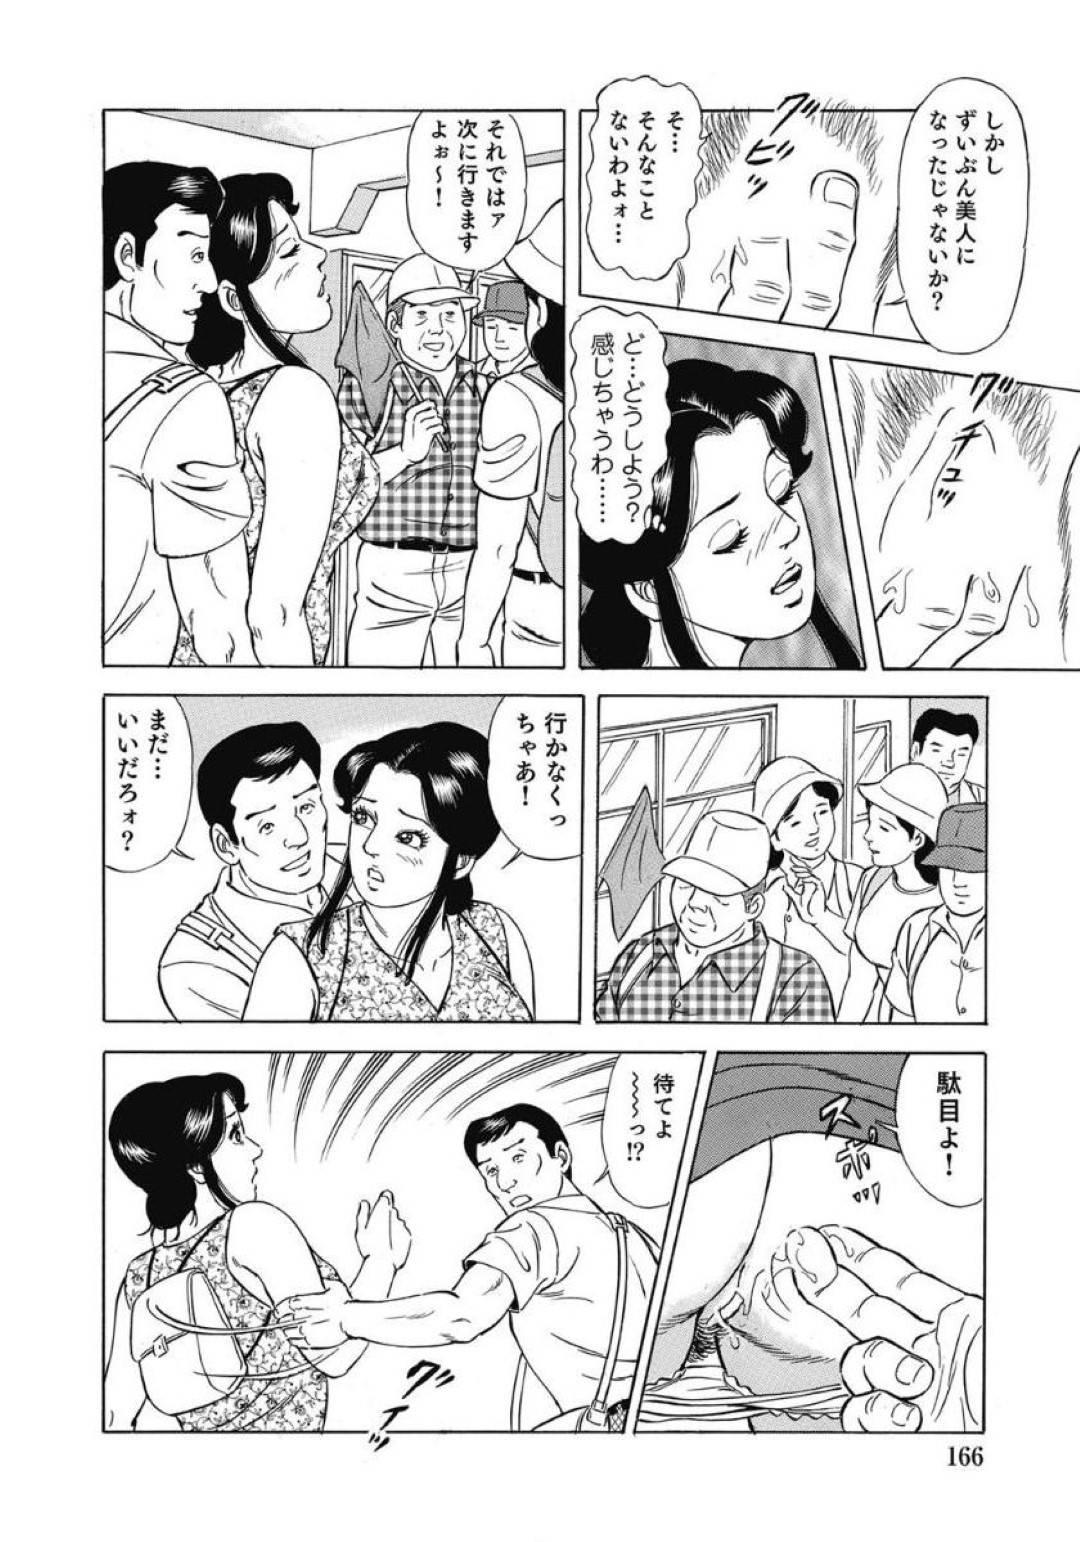 学生時代から久しぶりに会ったかわいい人妻…浮気でフェラしたりクンニされちゃって中出しセックスでど変態なトロ顔になっちゃう!【吉浜さかり:初めてキスした場所はどこ?】